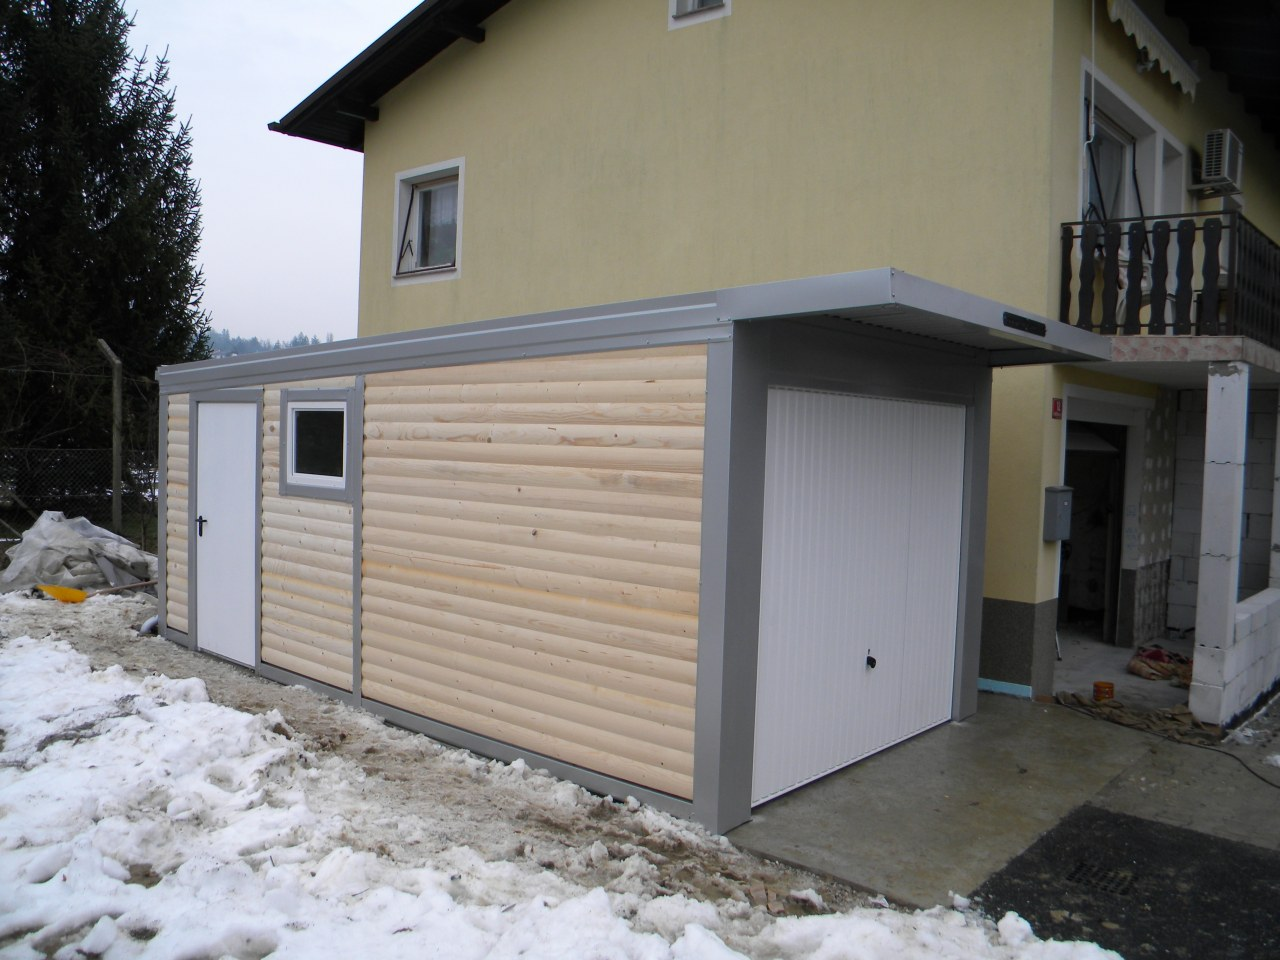 Garage Aus Holz. Elegant Rustikal Haus Mit Garagen Aus Holz Mit Raum